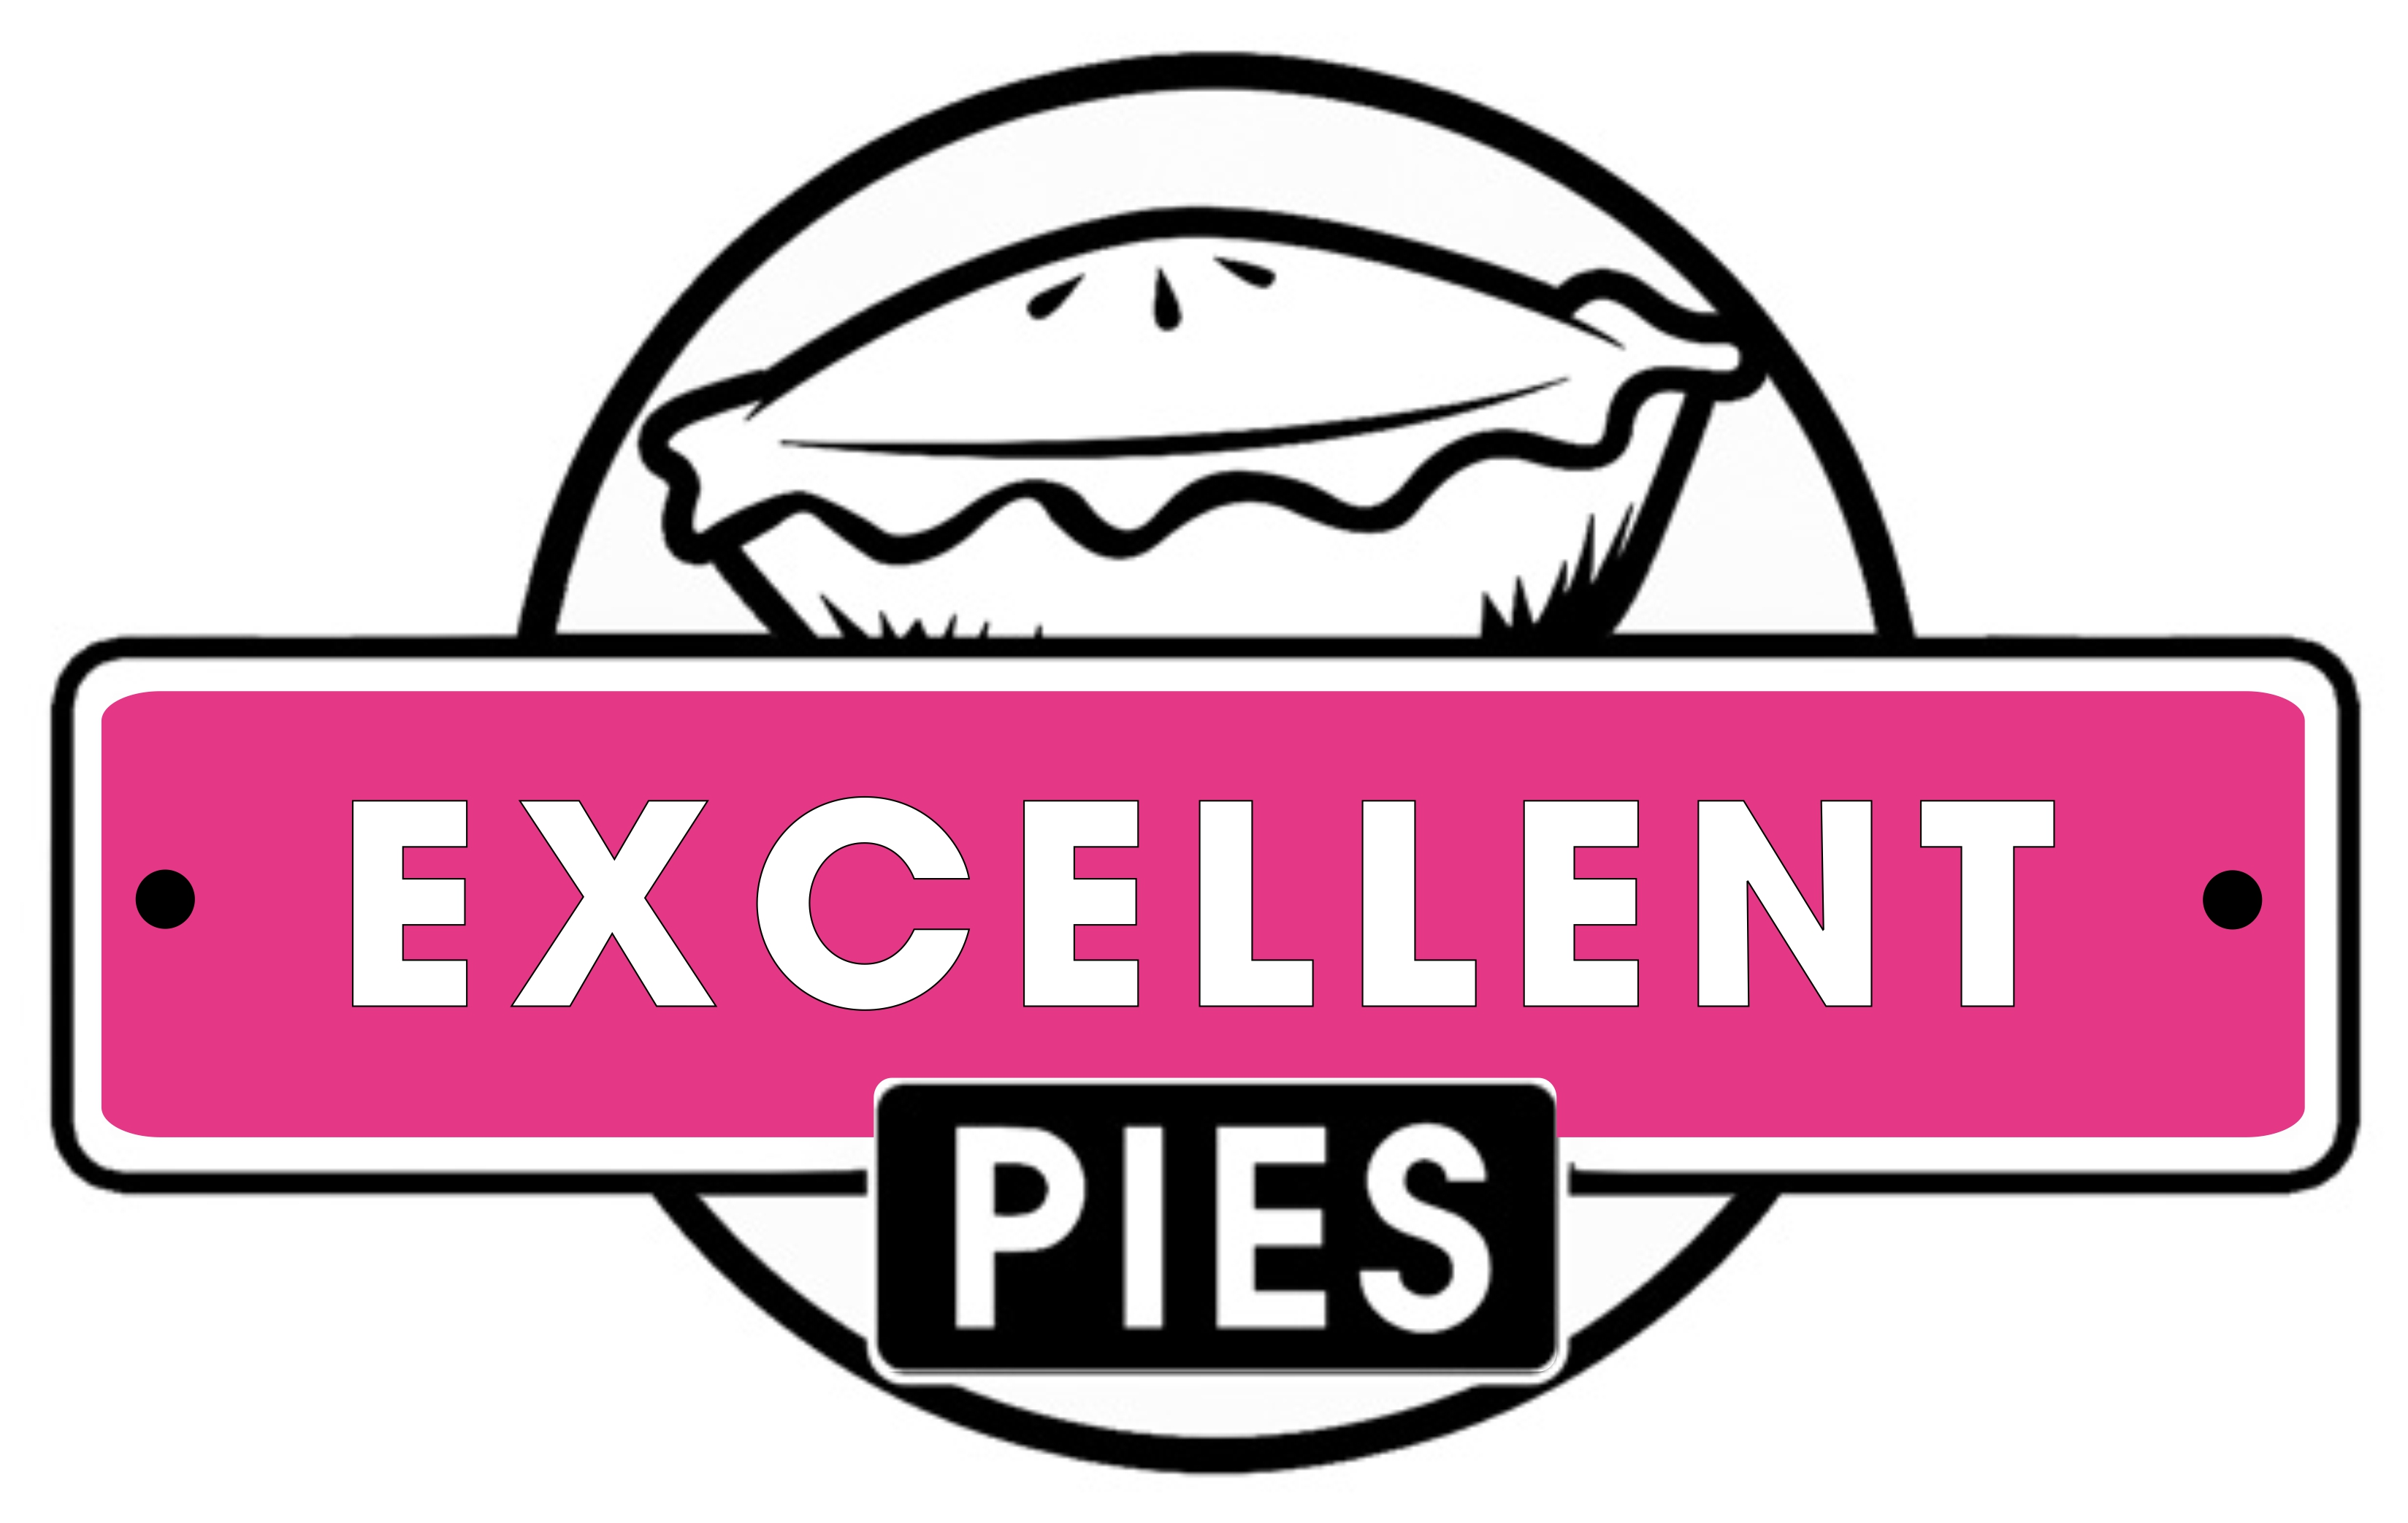 Excellent Pies